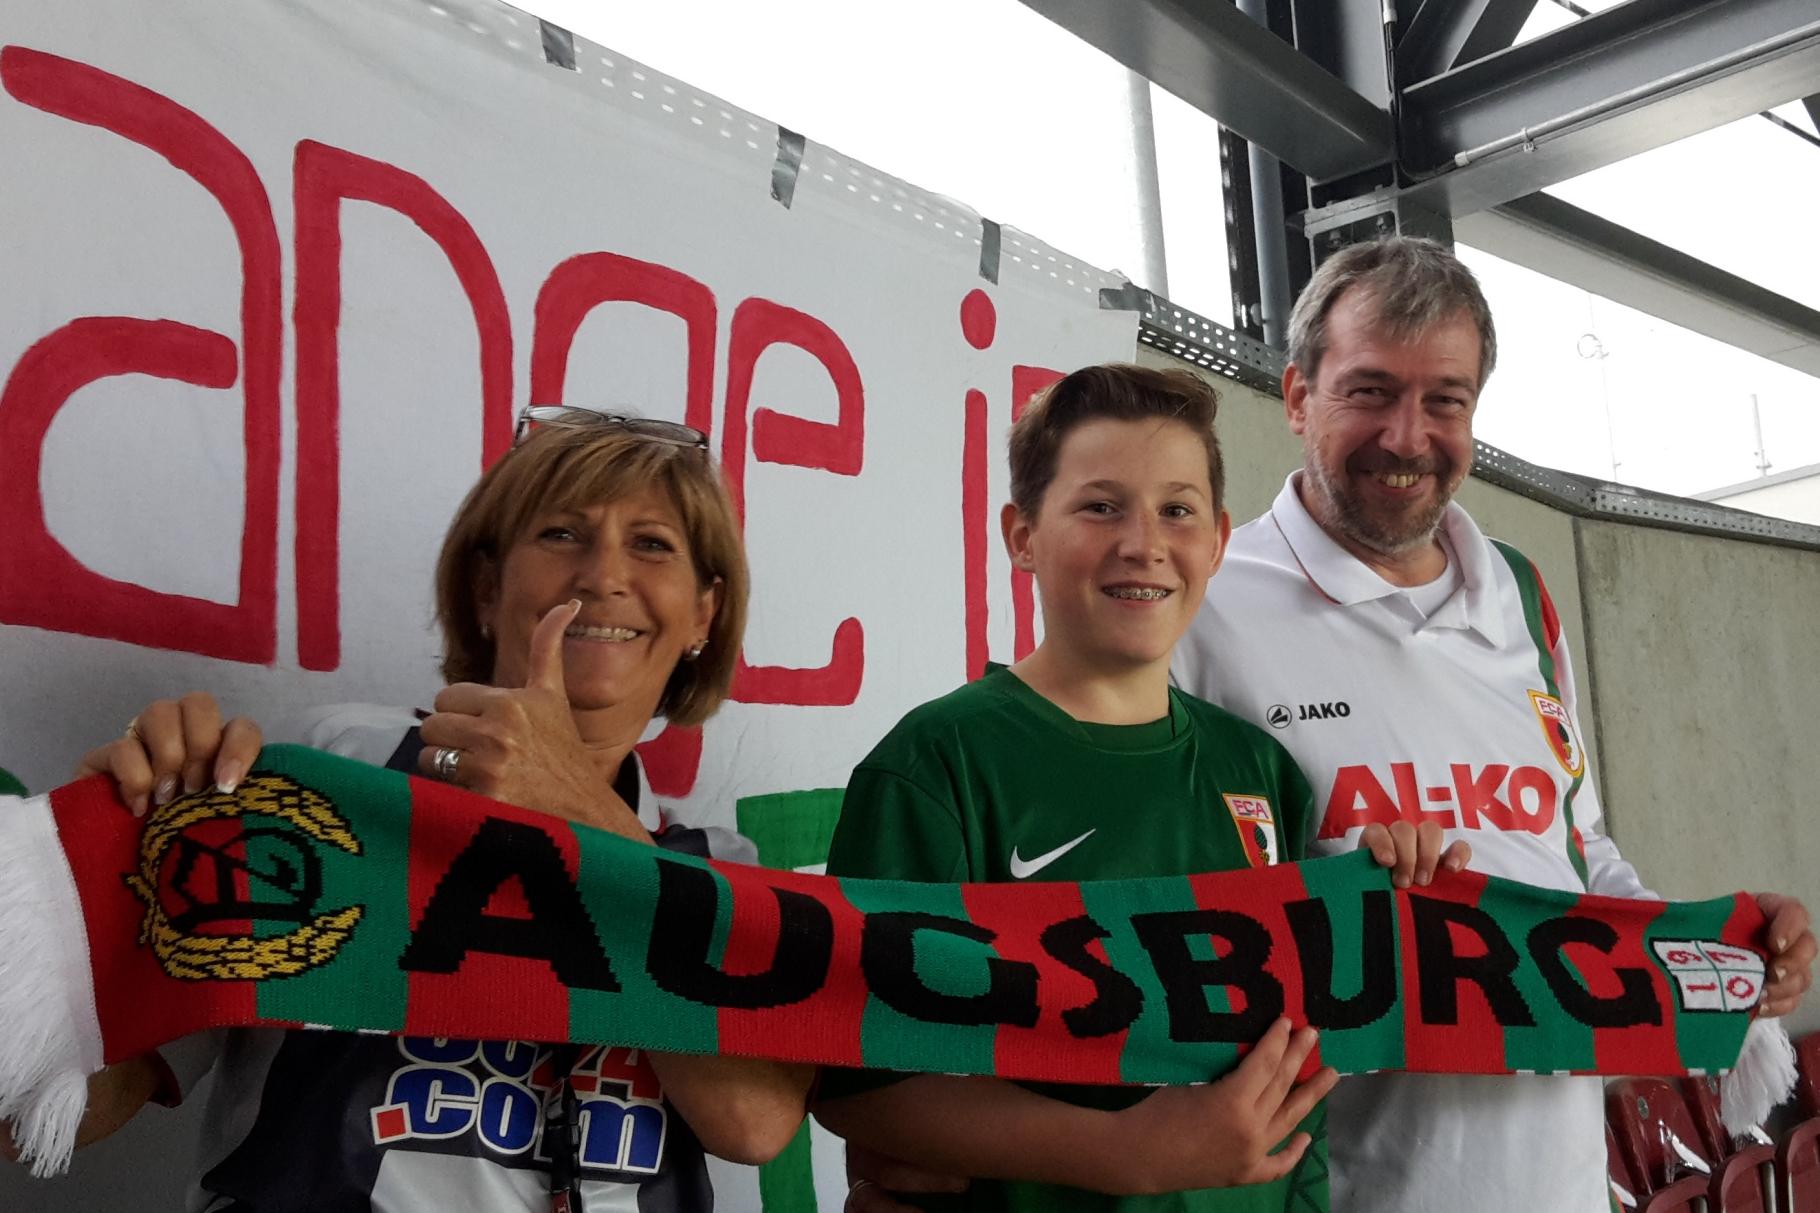 change in - Einladung des FC Augsburg mit Freikarten zu Heimspielen. Dankeschön und viel Erfolg! - Foto: Freiwilligen-Zentrum Augsburg